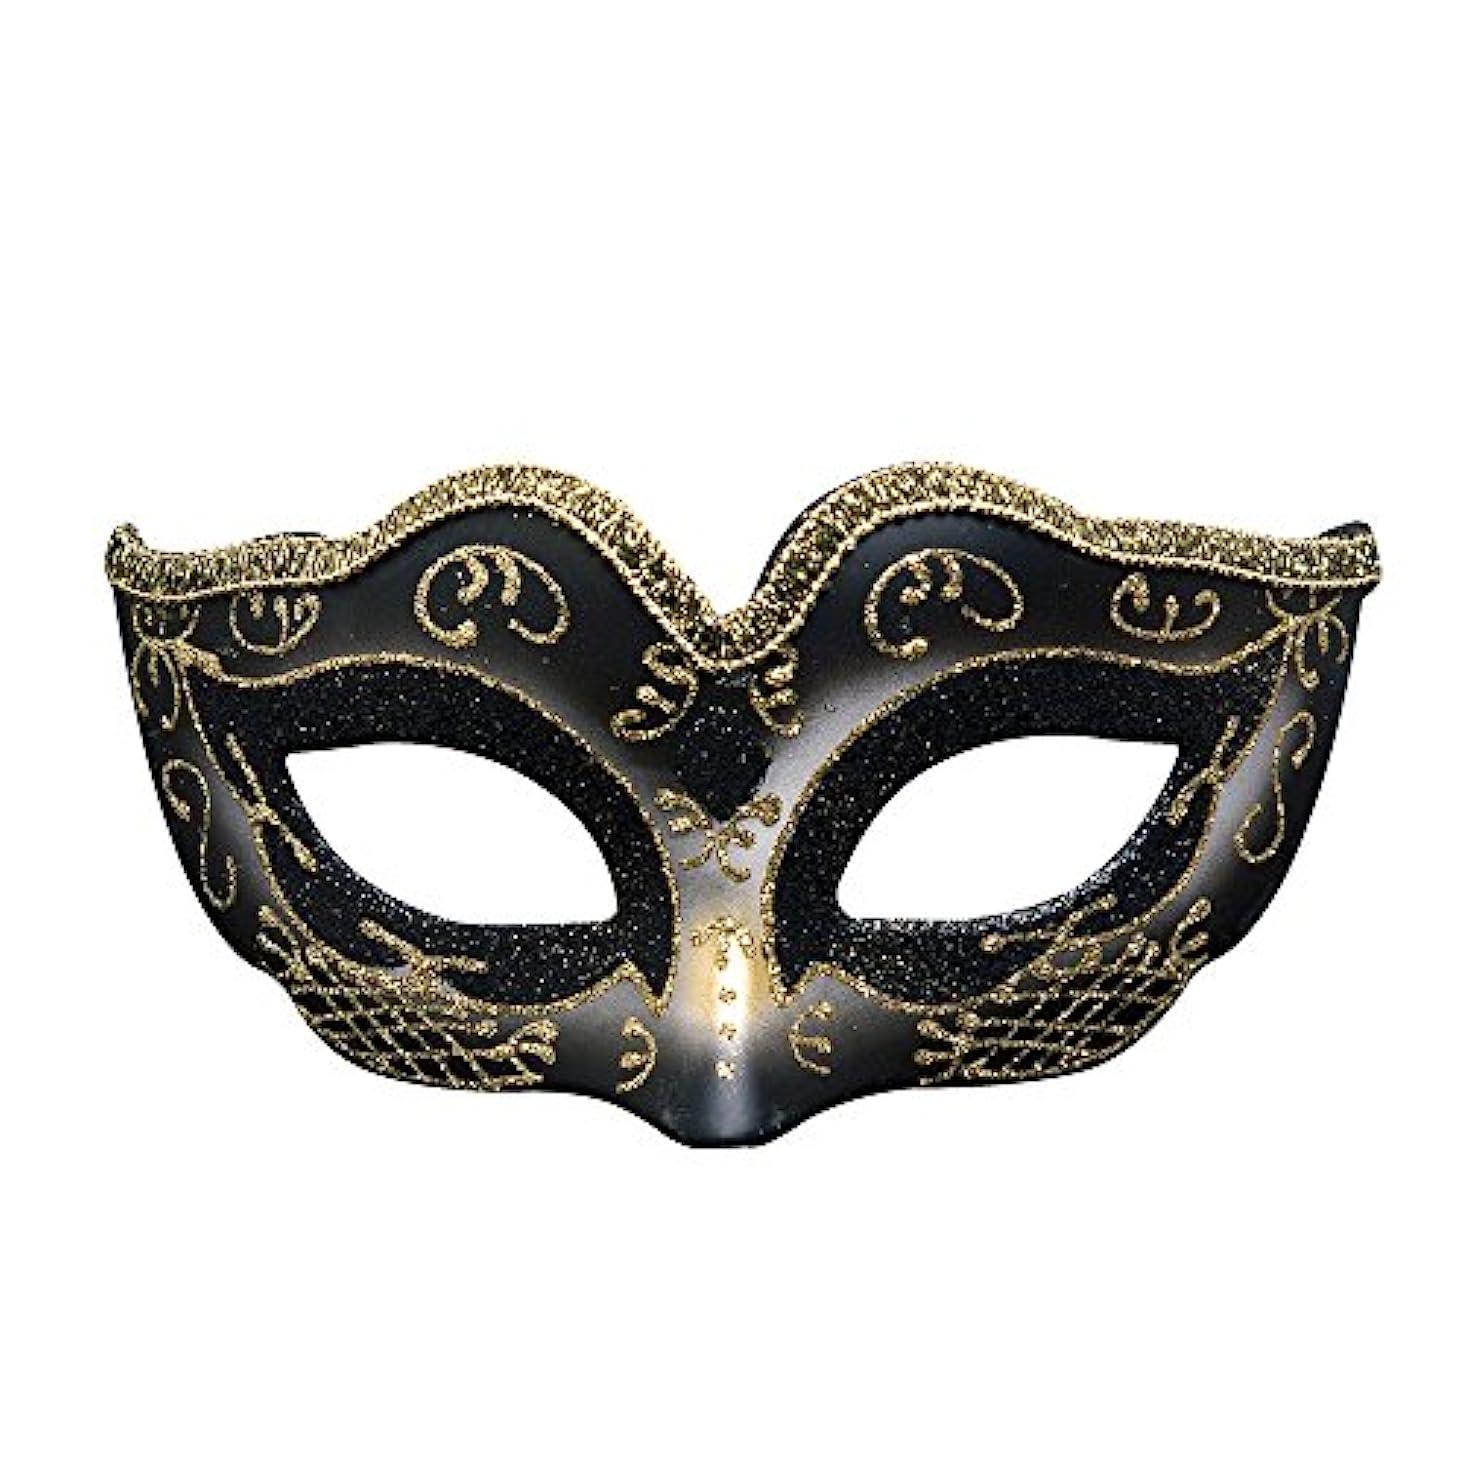 路地傑作基本的なクリエイティブキッズマスカレードパーティーハロウィンマスククリスマス雰囲気マスク (Color : #2)